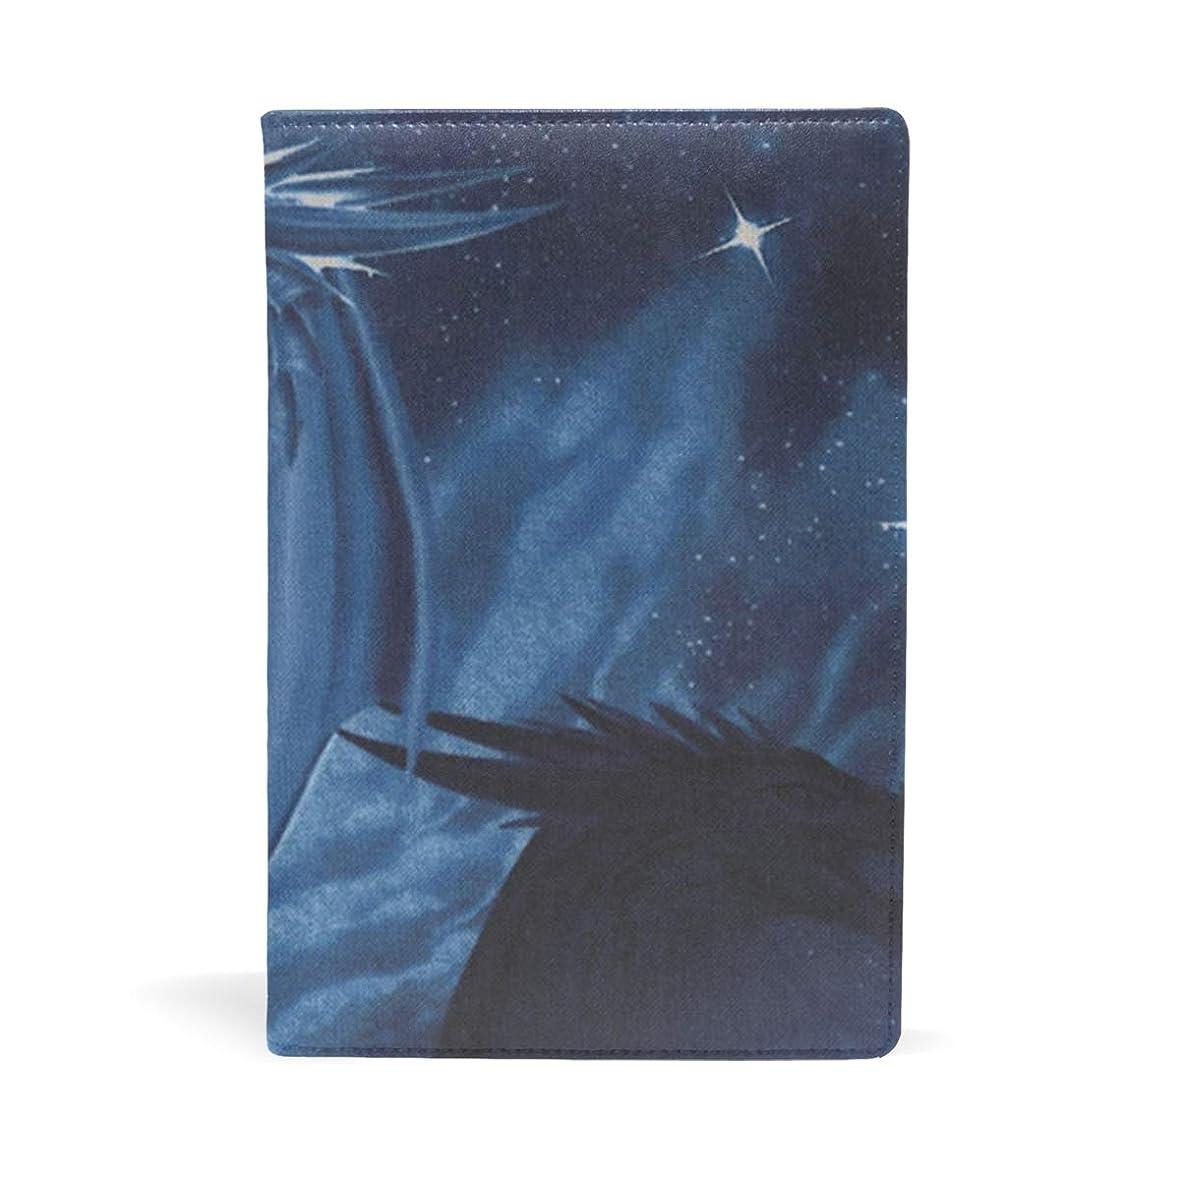 殺人者絡まる影響ブックカバー 文庫 a5 皮革 レザー ブルー ドラゴン 文庫本カバー ファイル 資料 収納入れ オフィス用品 読書 雑貨 プレゼント